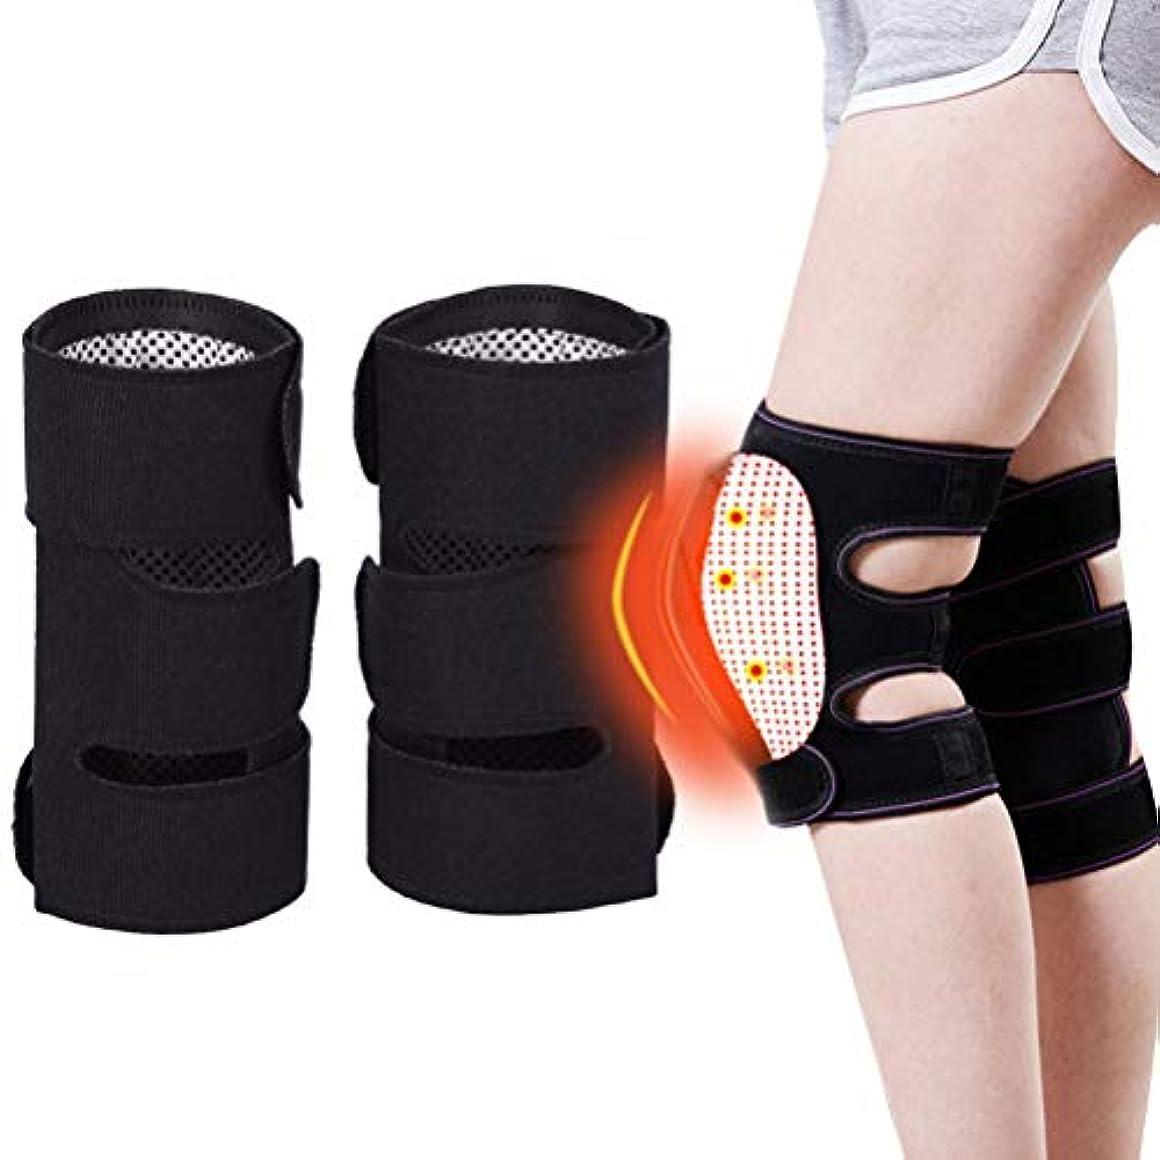 建物羊審判BTSMAT 1ペアトルマリン自己加熱膝パッド磁気療法膝パッド痛み緩和関節炎ブレースサポート膝蓋膝スリーブパッド